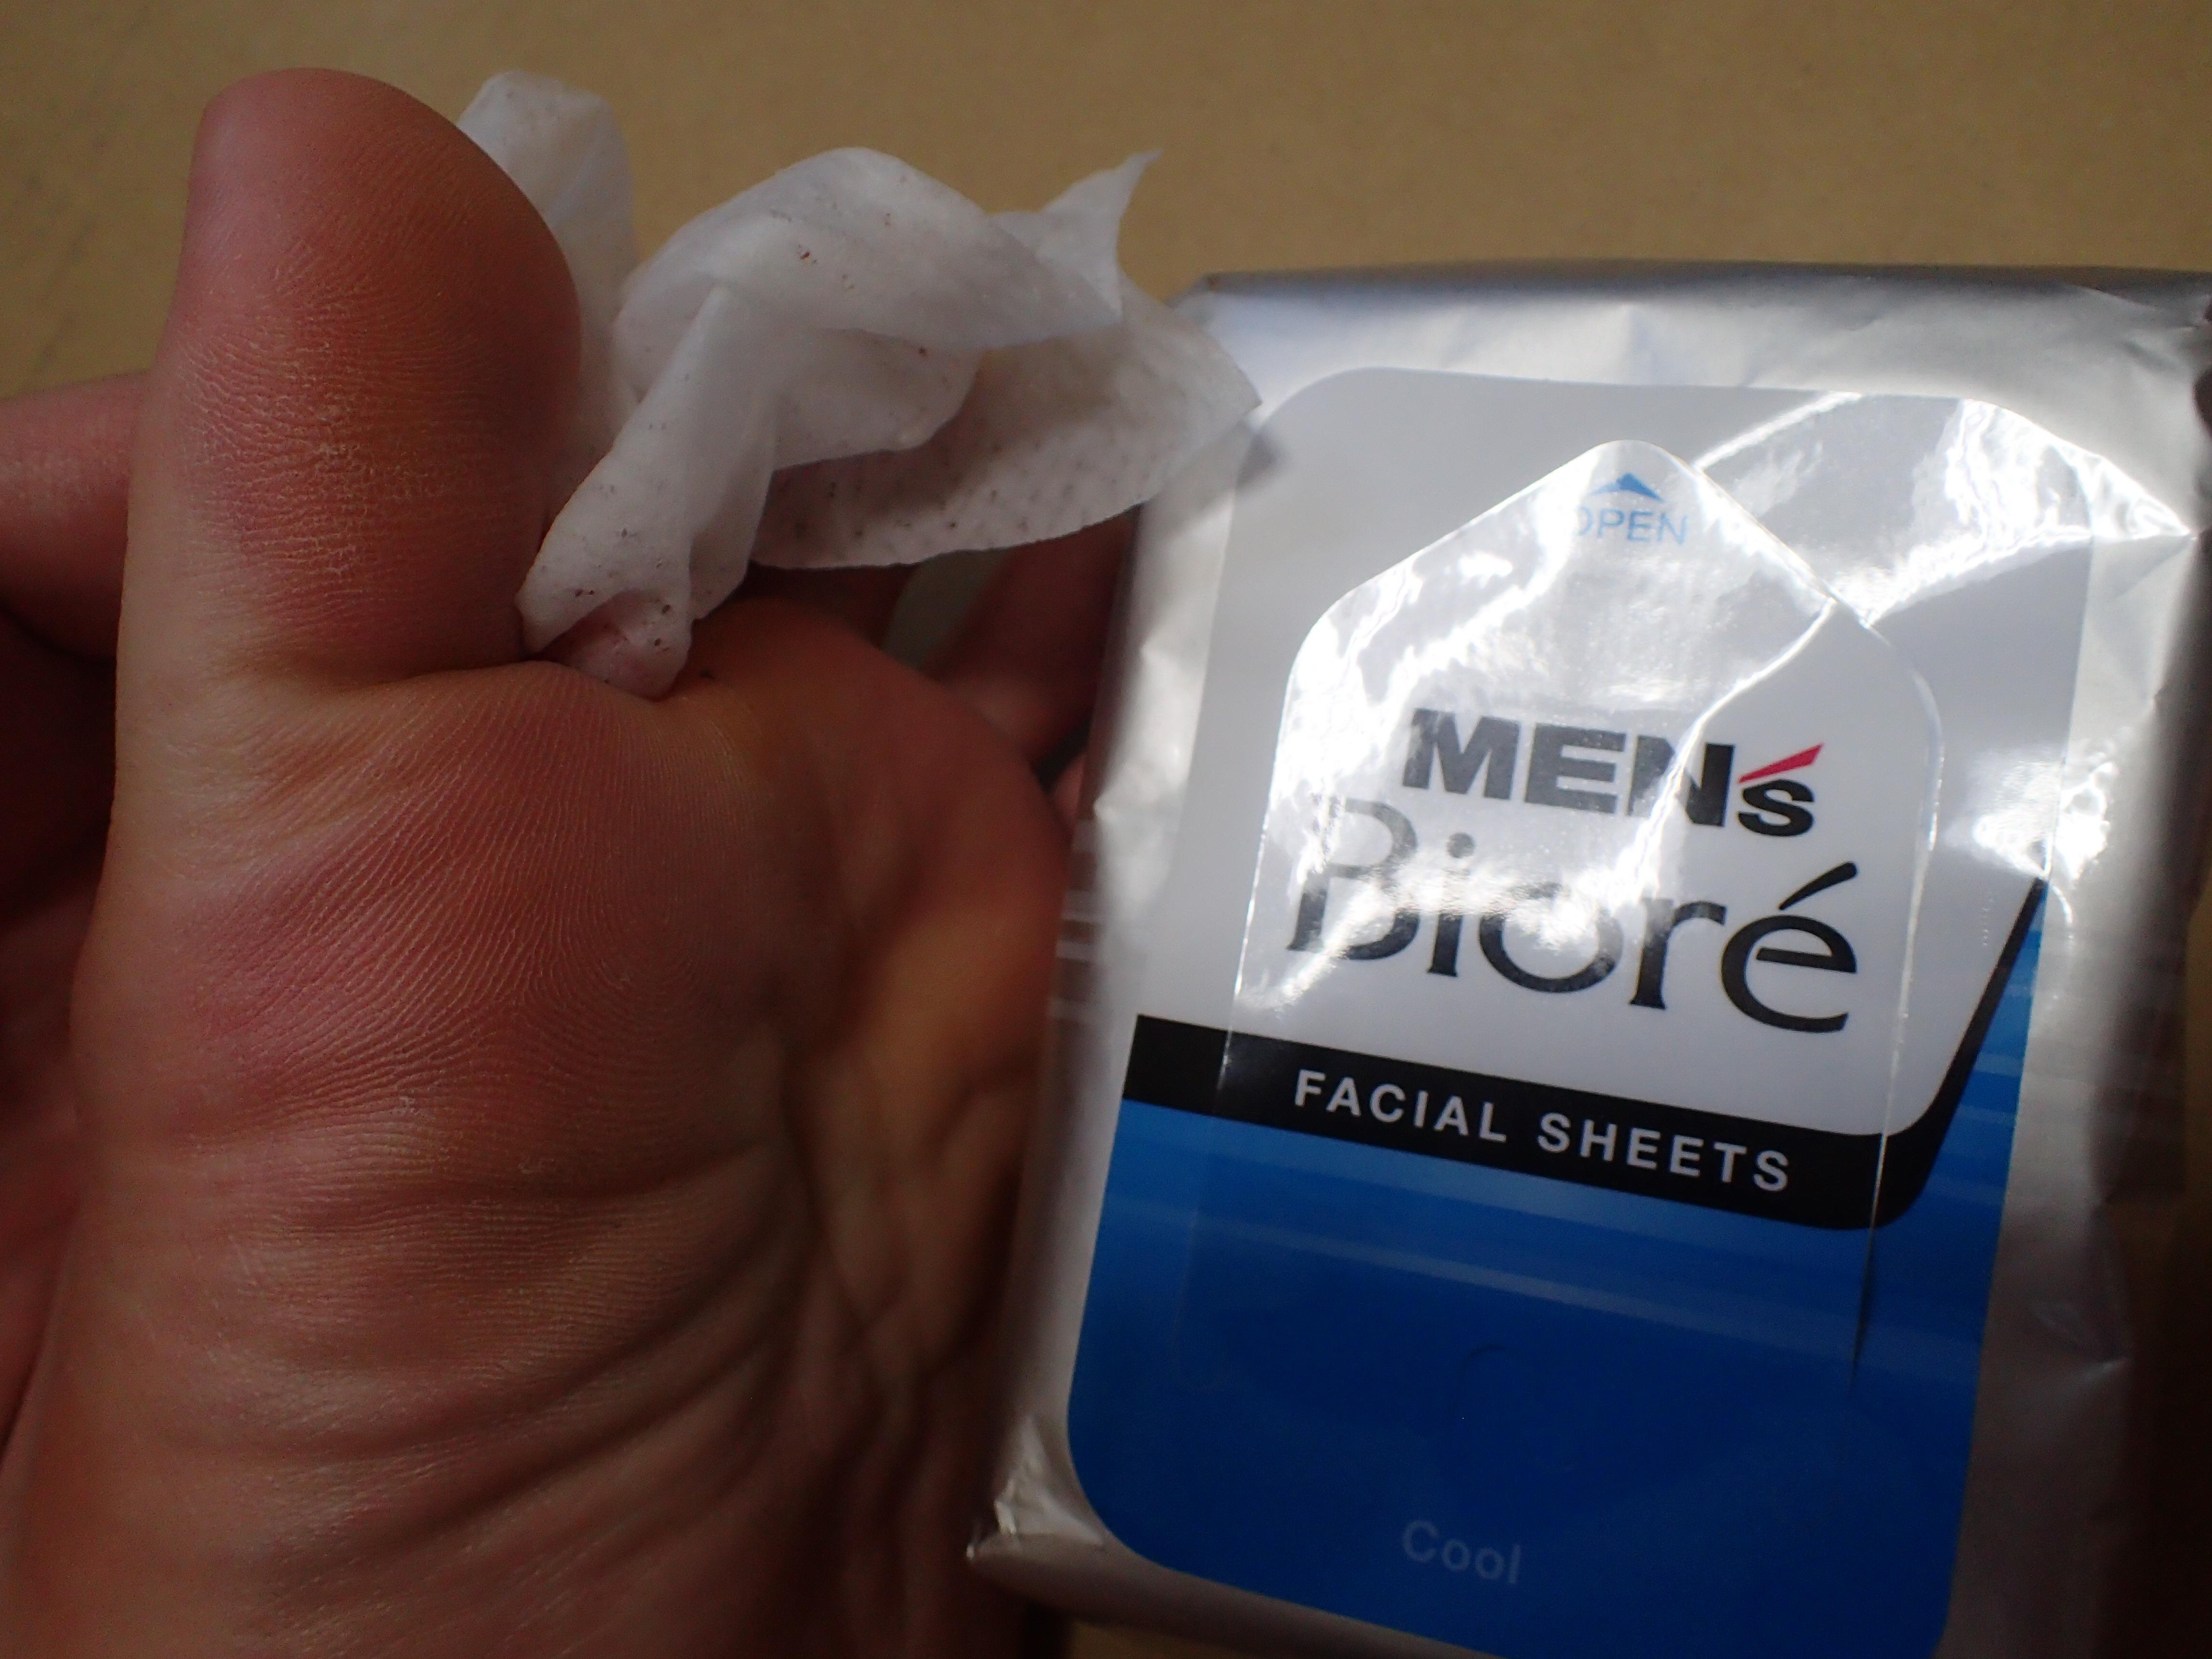 足の裏、指の間まで丁寧に汗やヨゴレを拭き取る